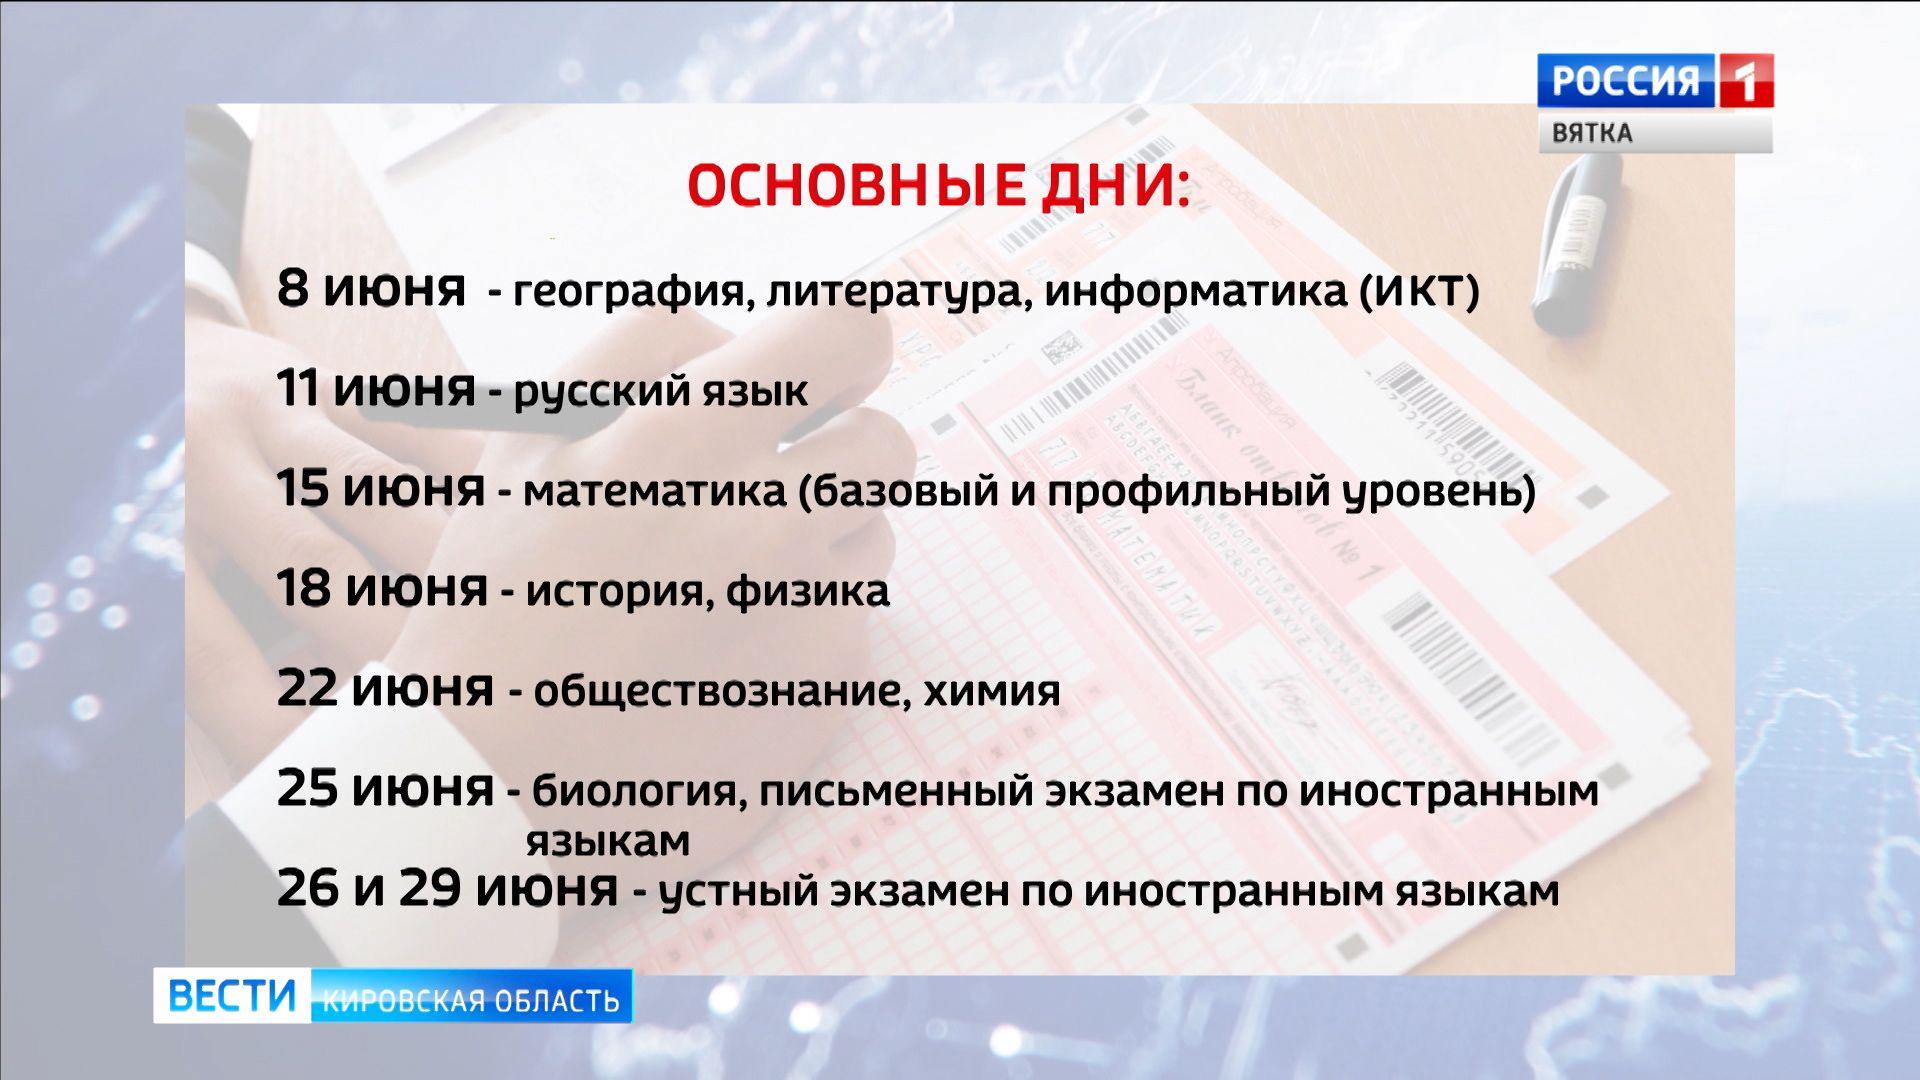 Министерство просвещения и Рособрнадзор опубликовали новое расписание ЕГЭ